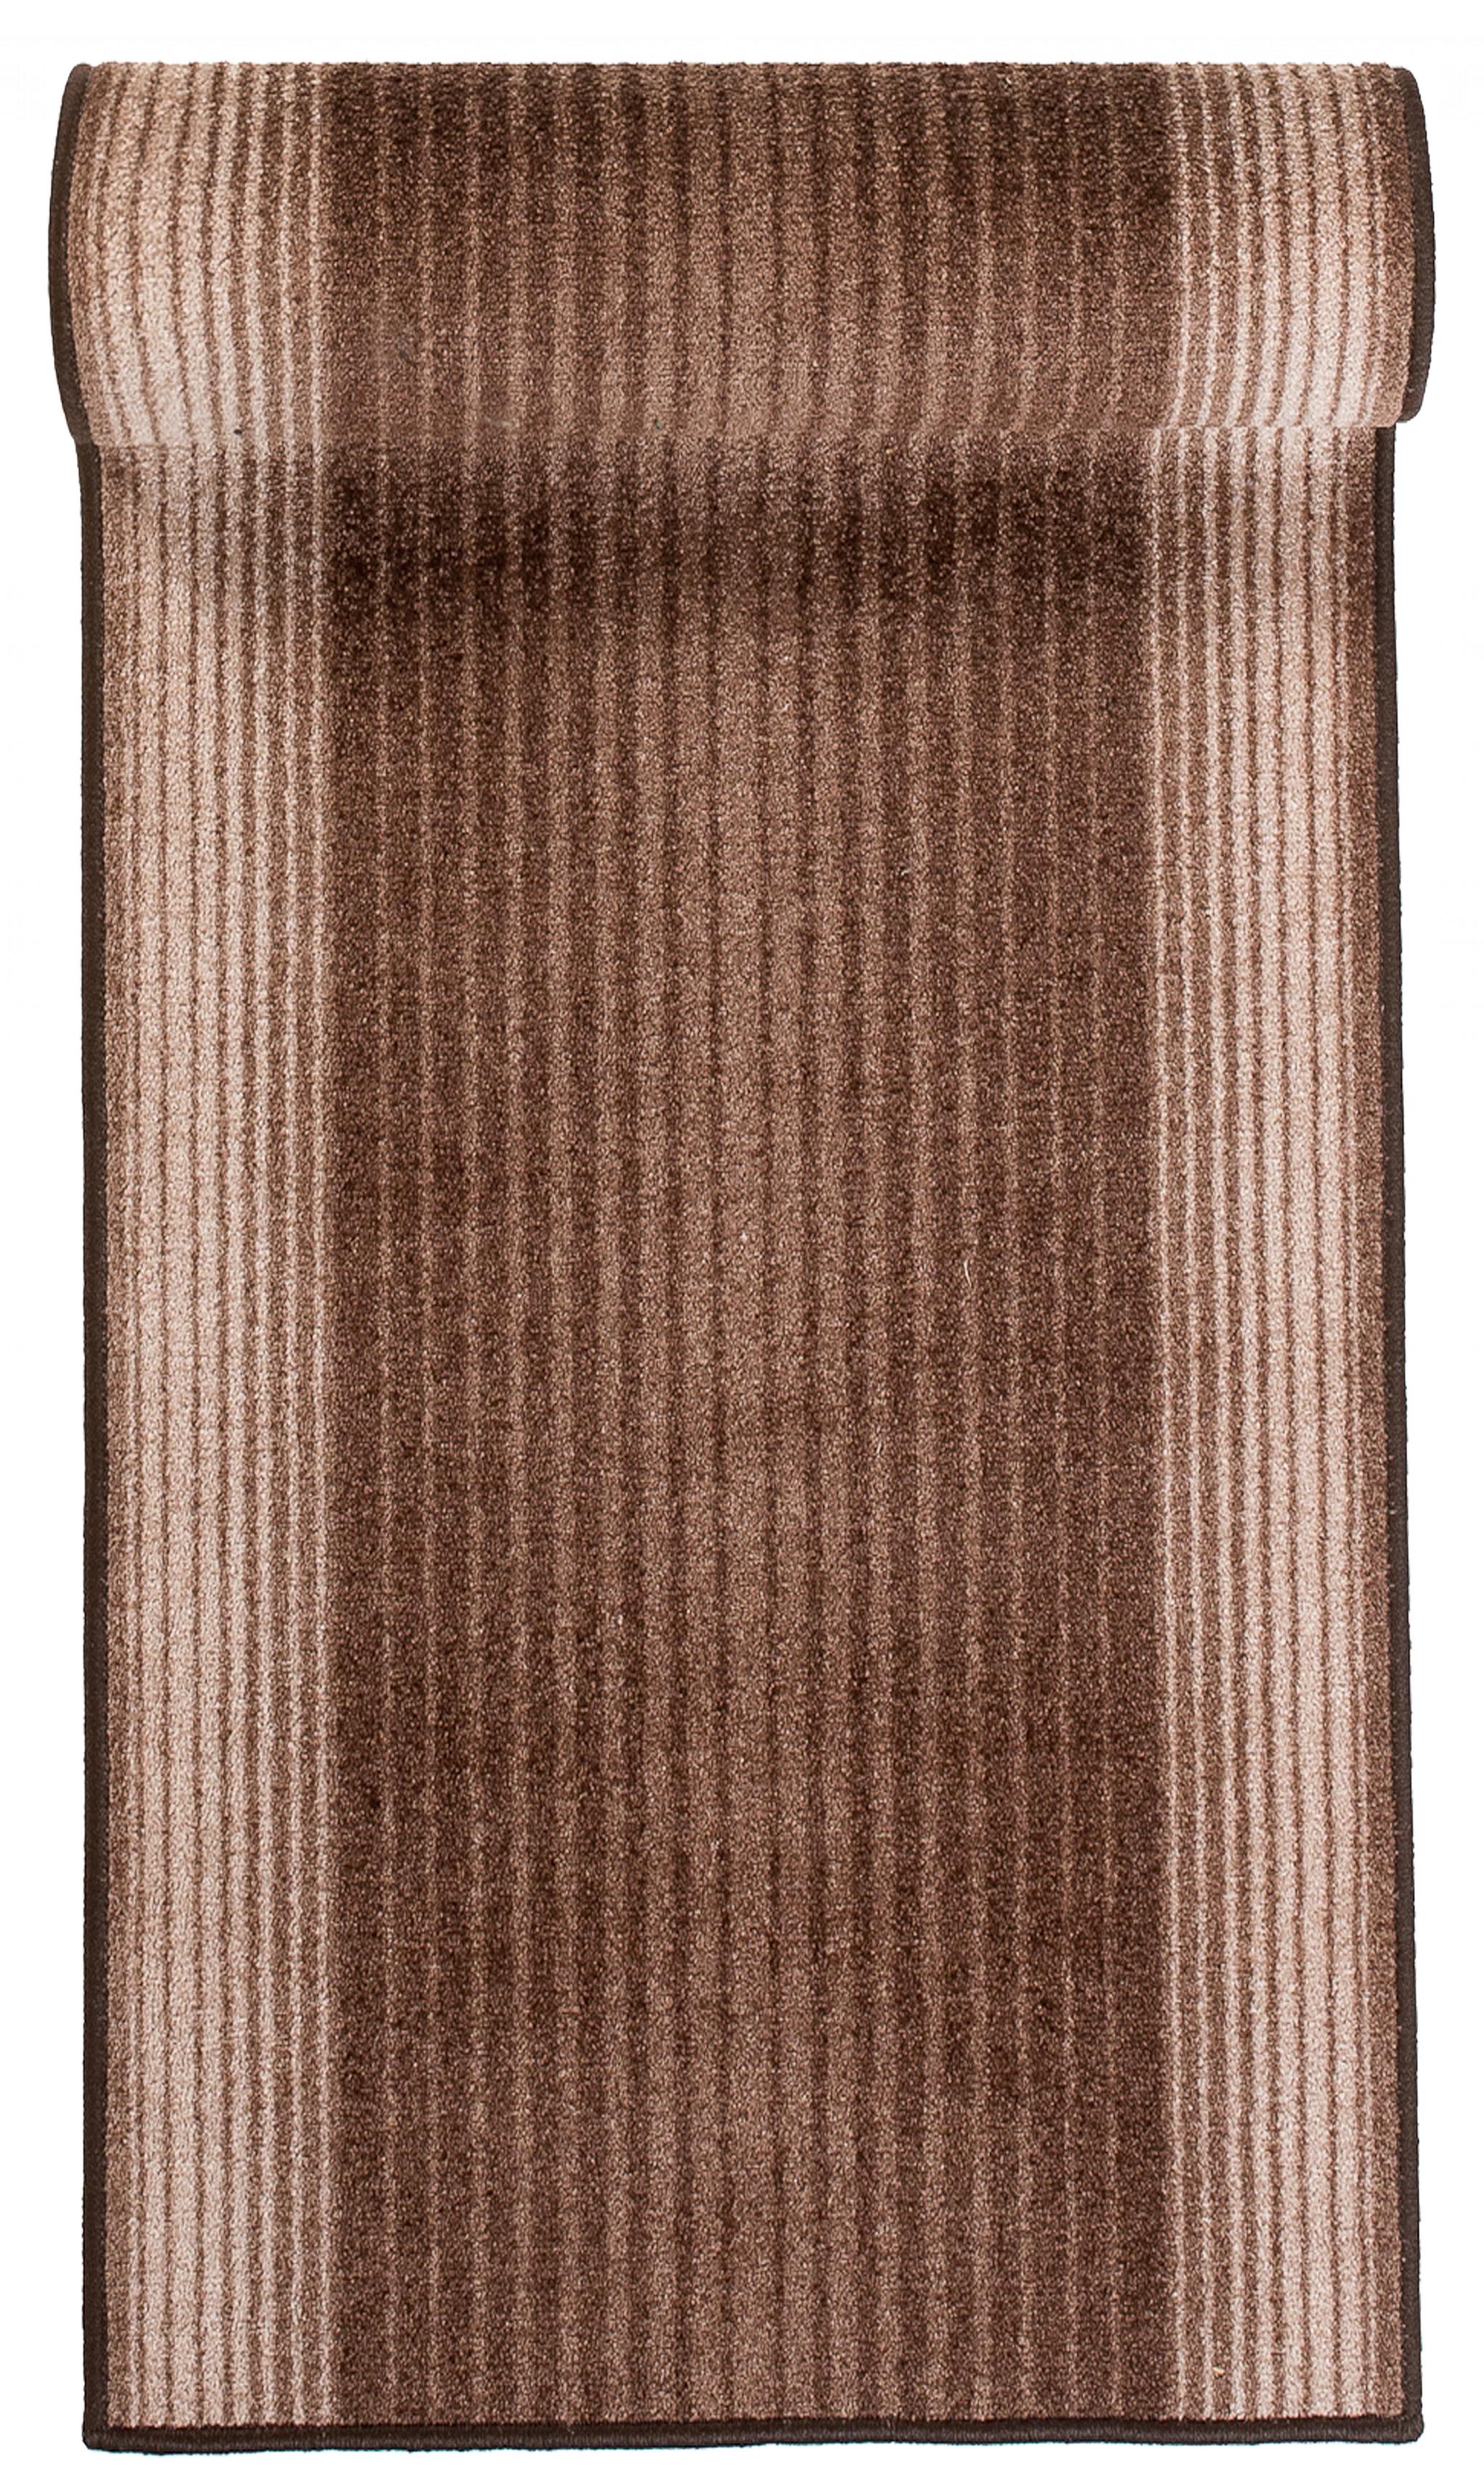 Chodnik nowoczesny 44 CAPITOL (HAVANNAH) - brązowy